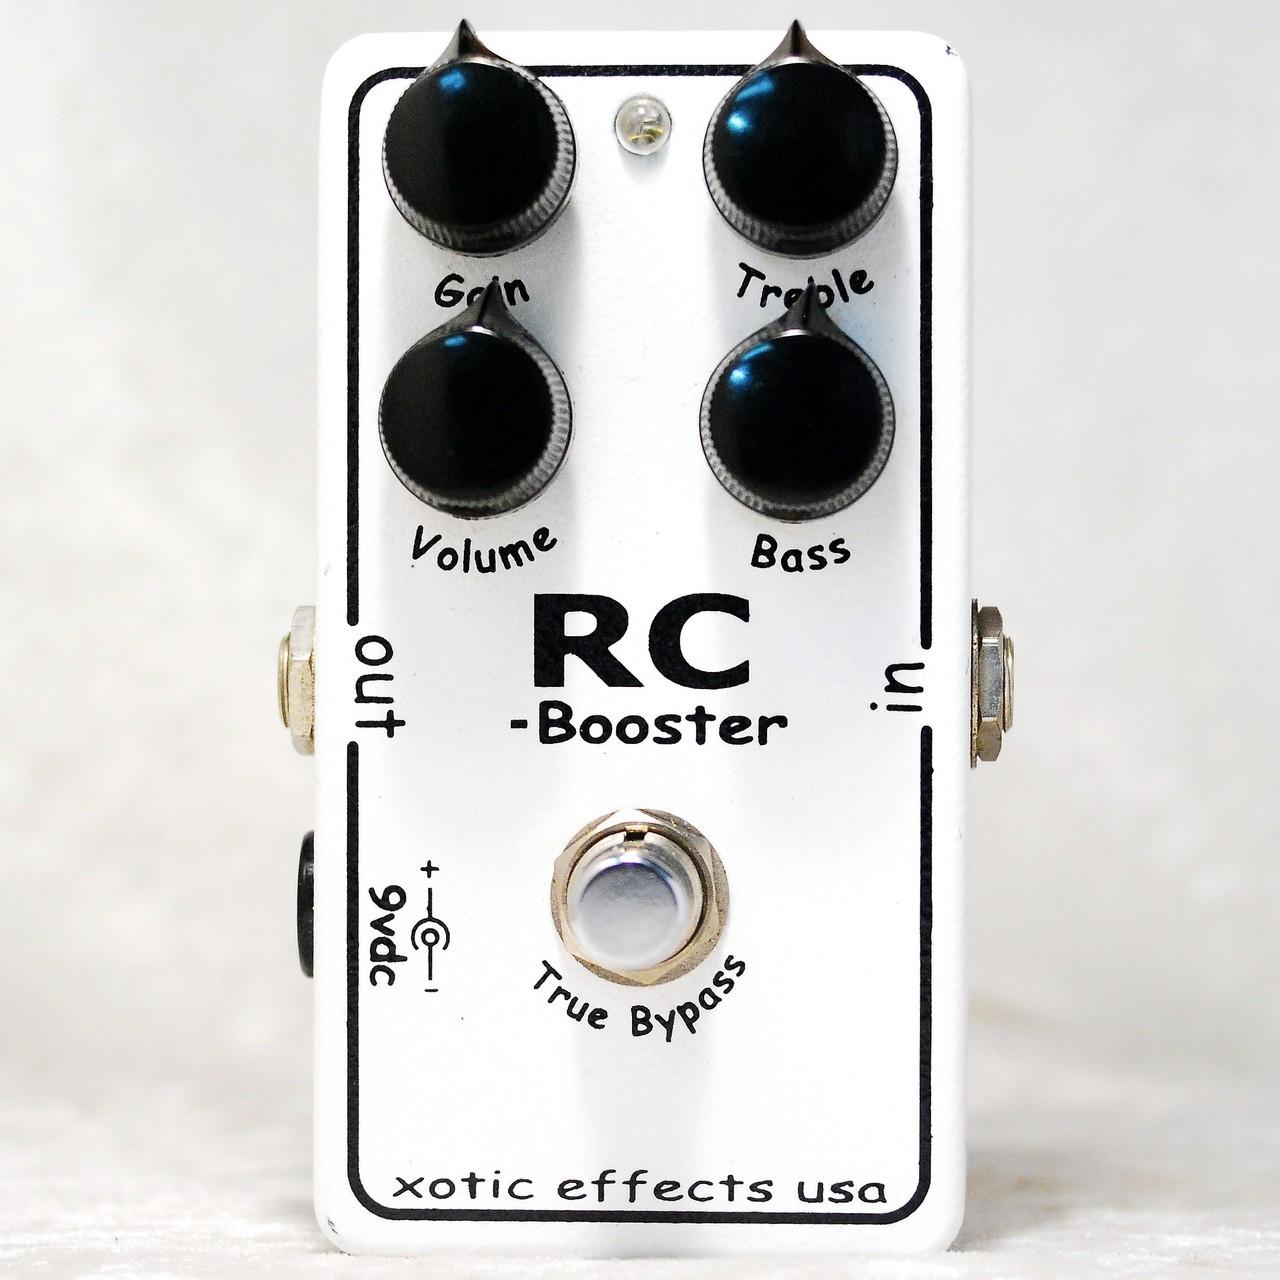 Xotic RC-Booster [旧モデル] ☆12/25 20:30まで!☆